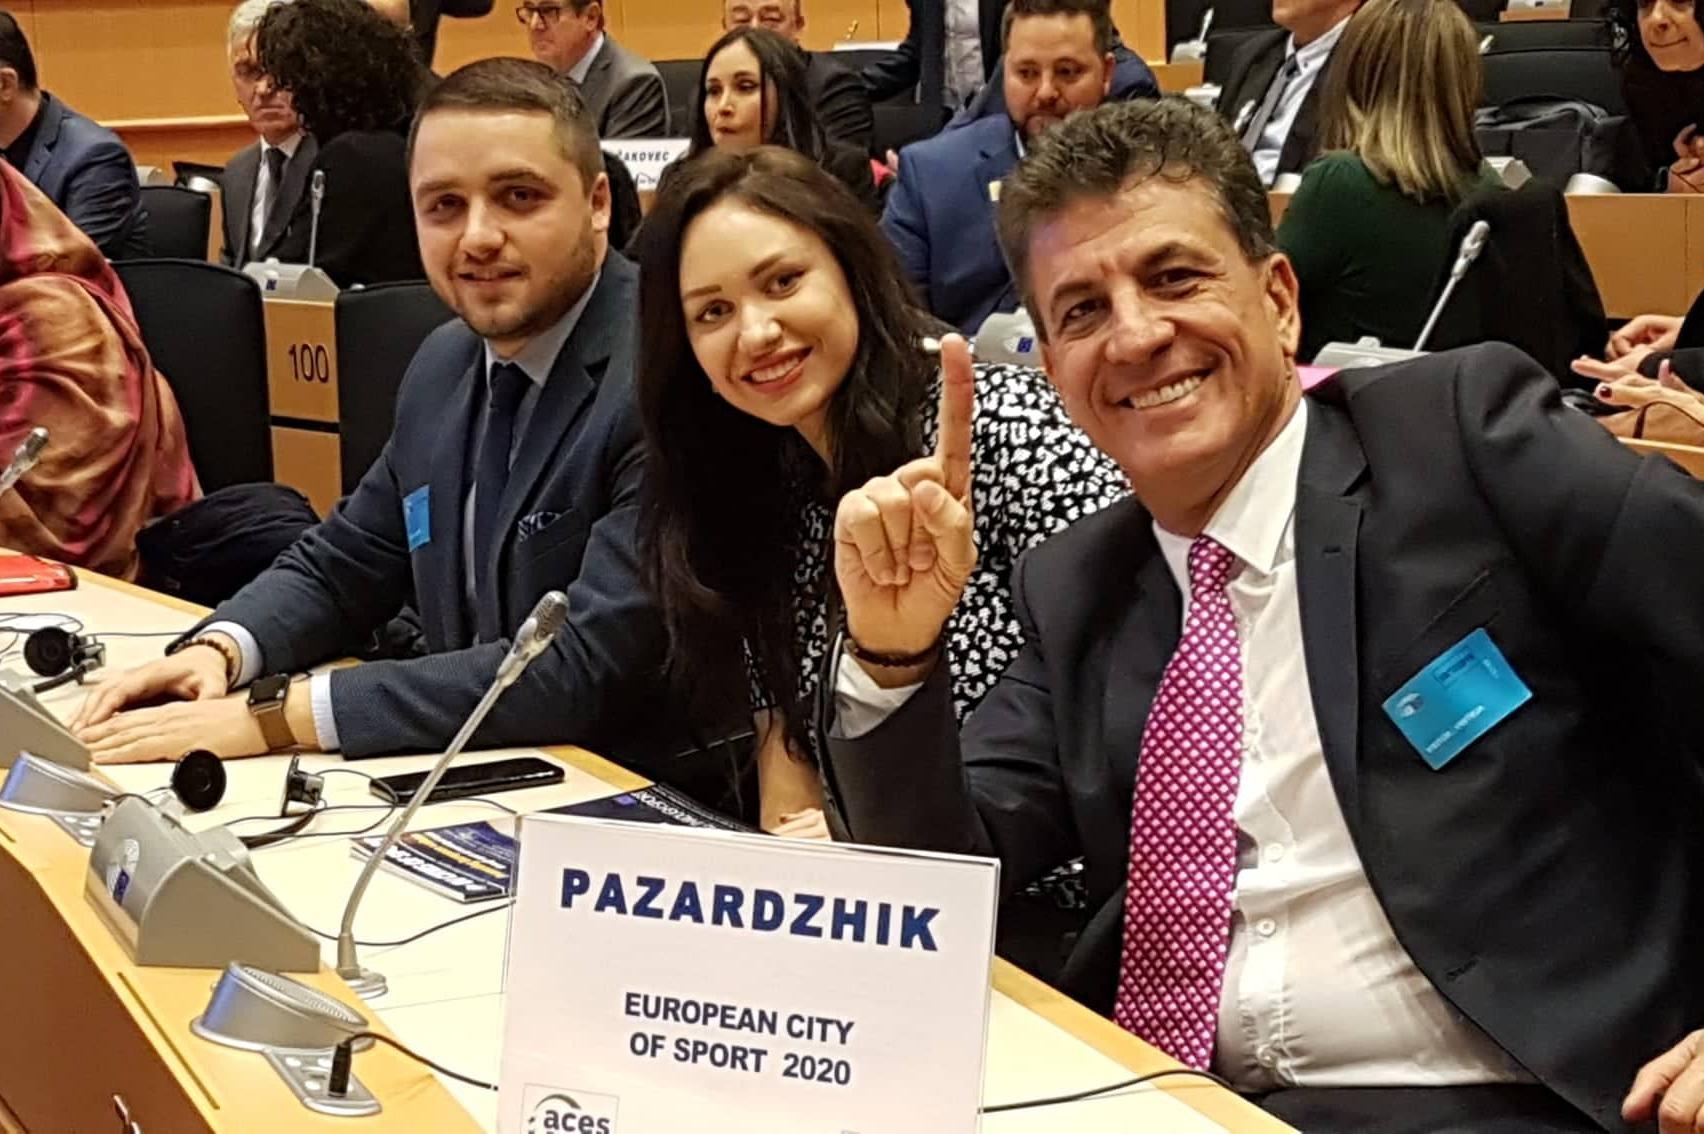 Община Пазарджик ще намали с 30% местните данъци и такси